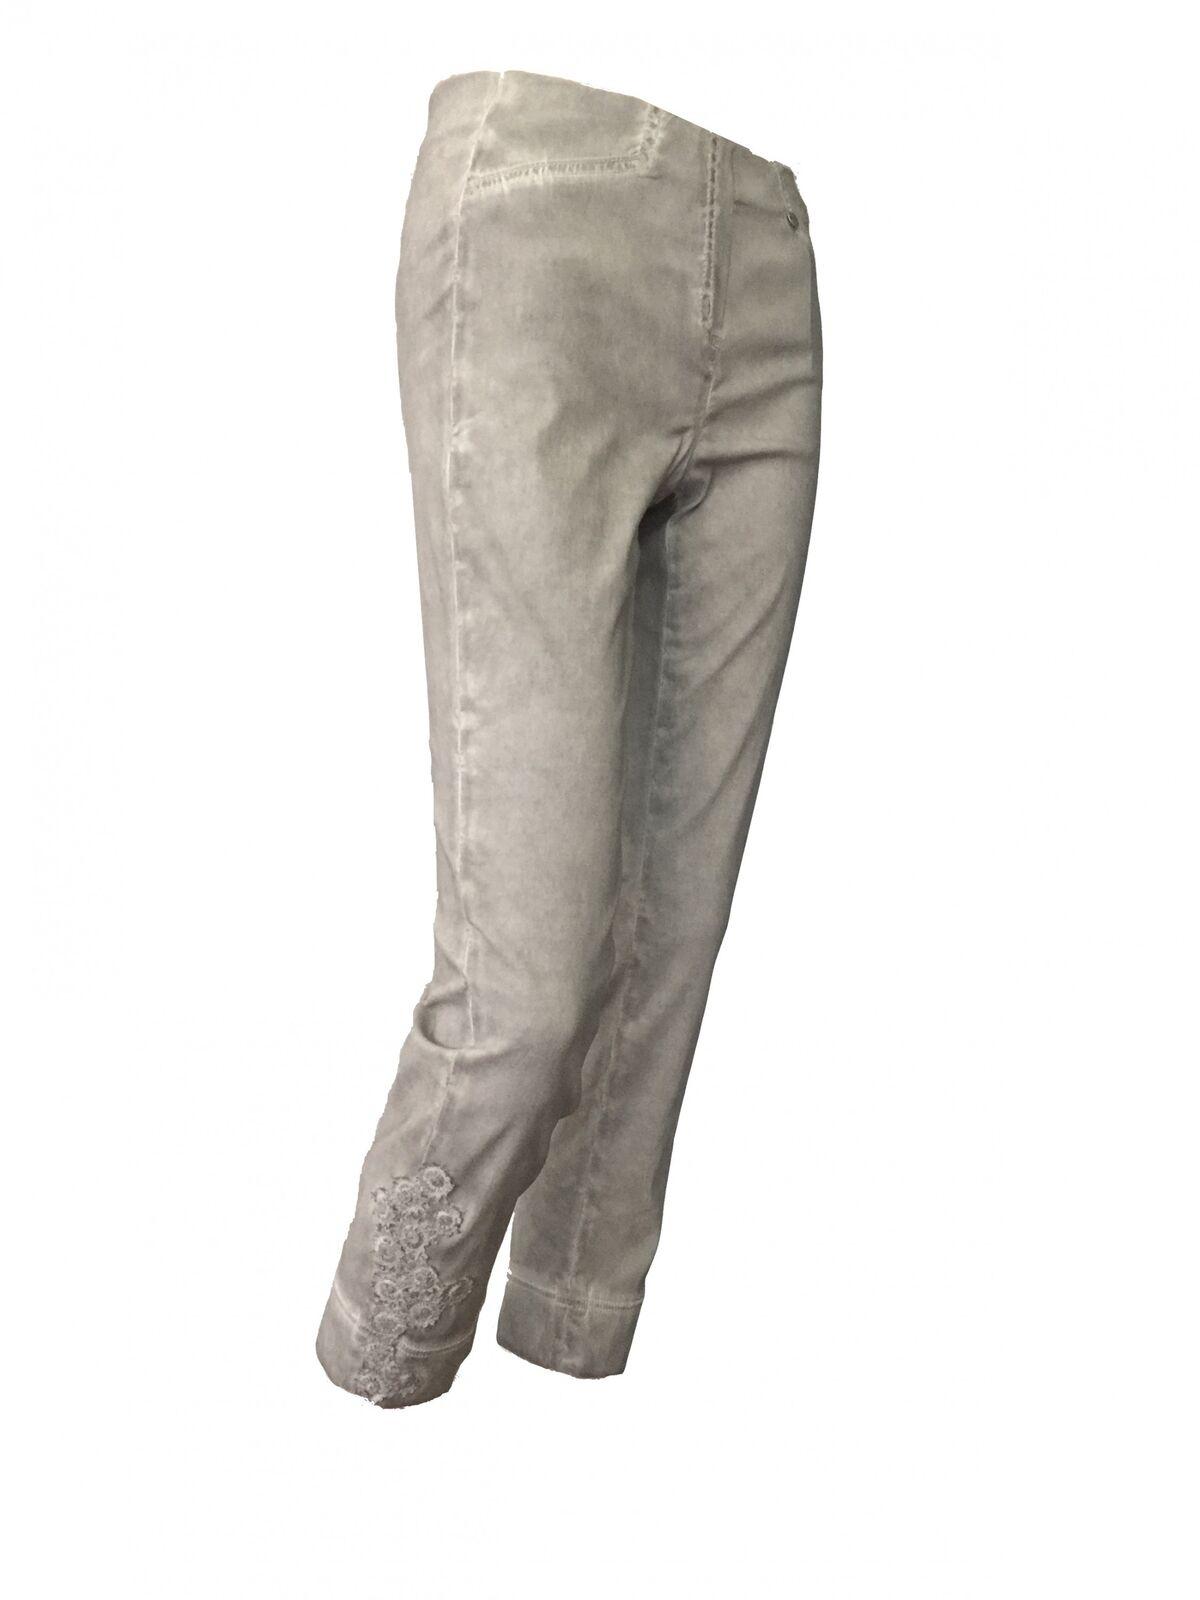 Rosa 09 Robell 7 8 Stretchhose Stretchhose Stretchhose im Used Look mit Spitzenbesatz | Up-to-date Styling  | Ästhetisches Aussehen  | Verschiedene Arten und Stile  be3759